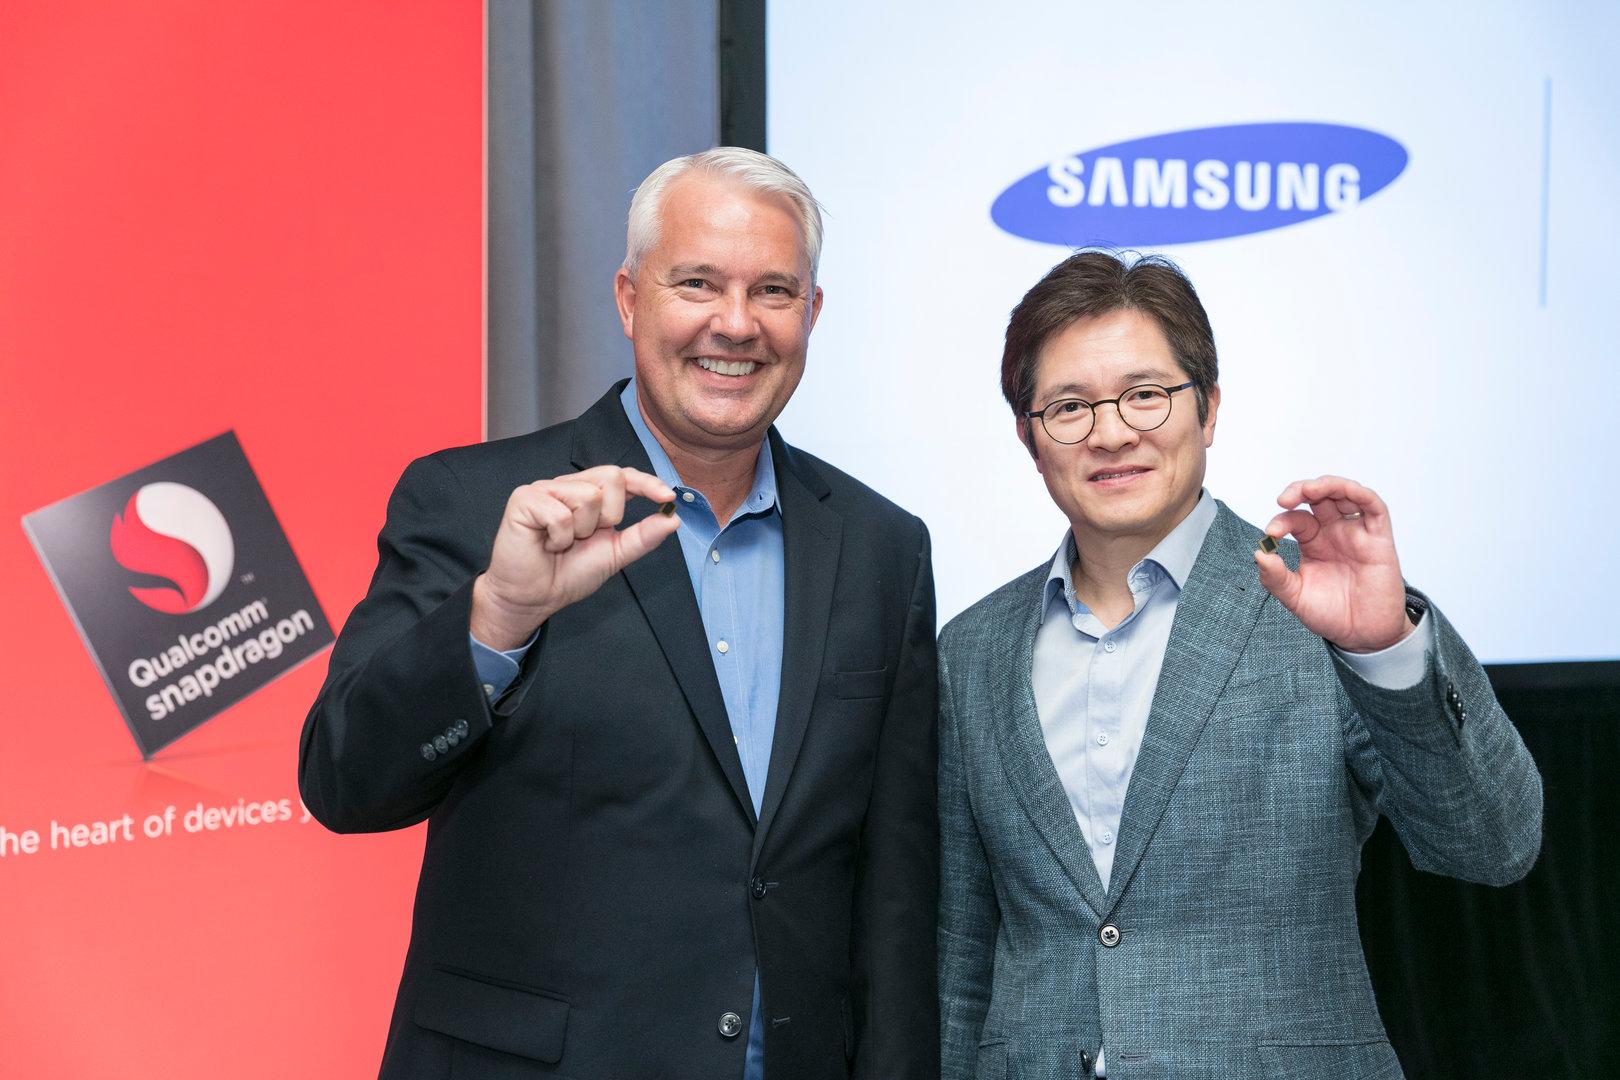 Keith Kressin (Qualcomm) und Ben Suh (Samsung)